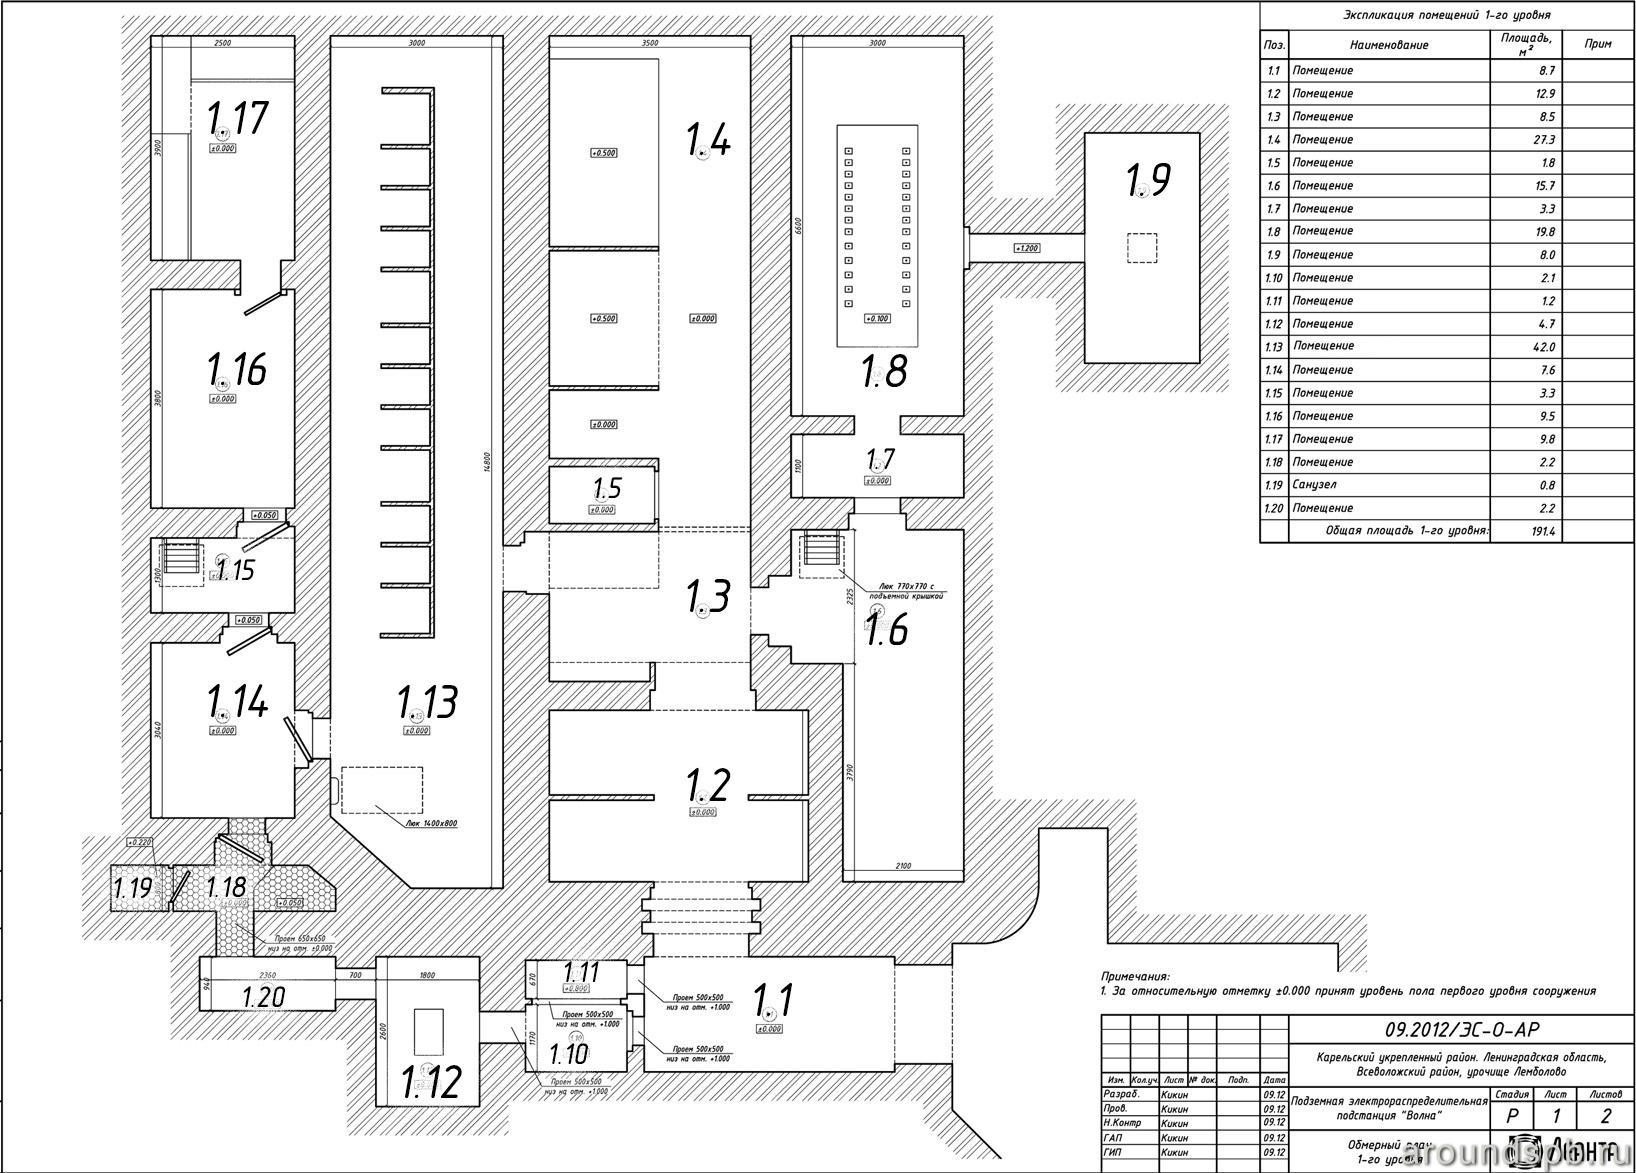 План нижнего этажа Лемболовской подстанции